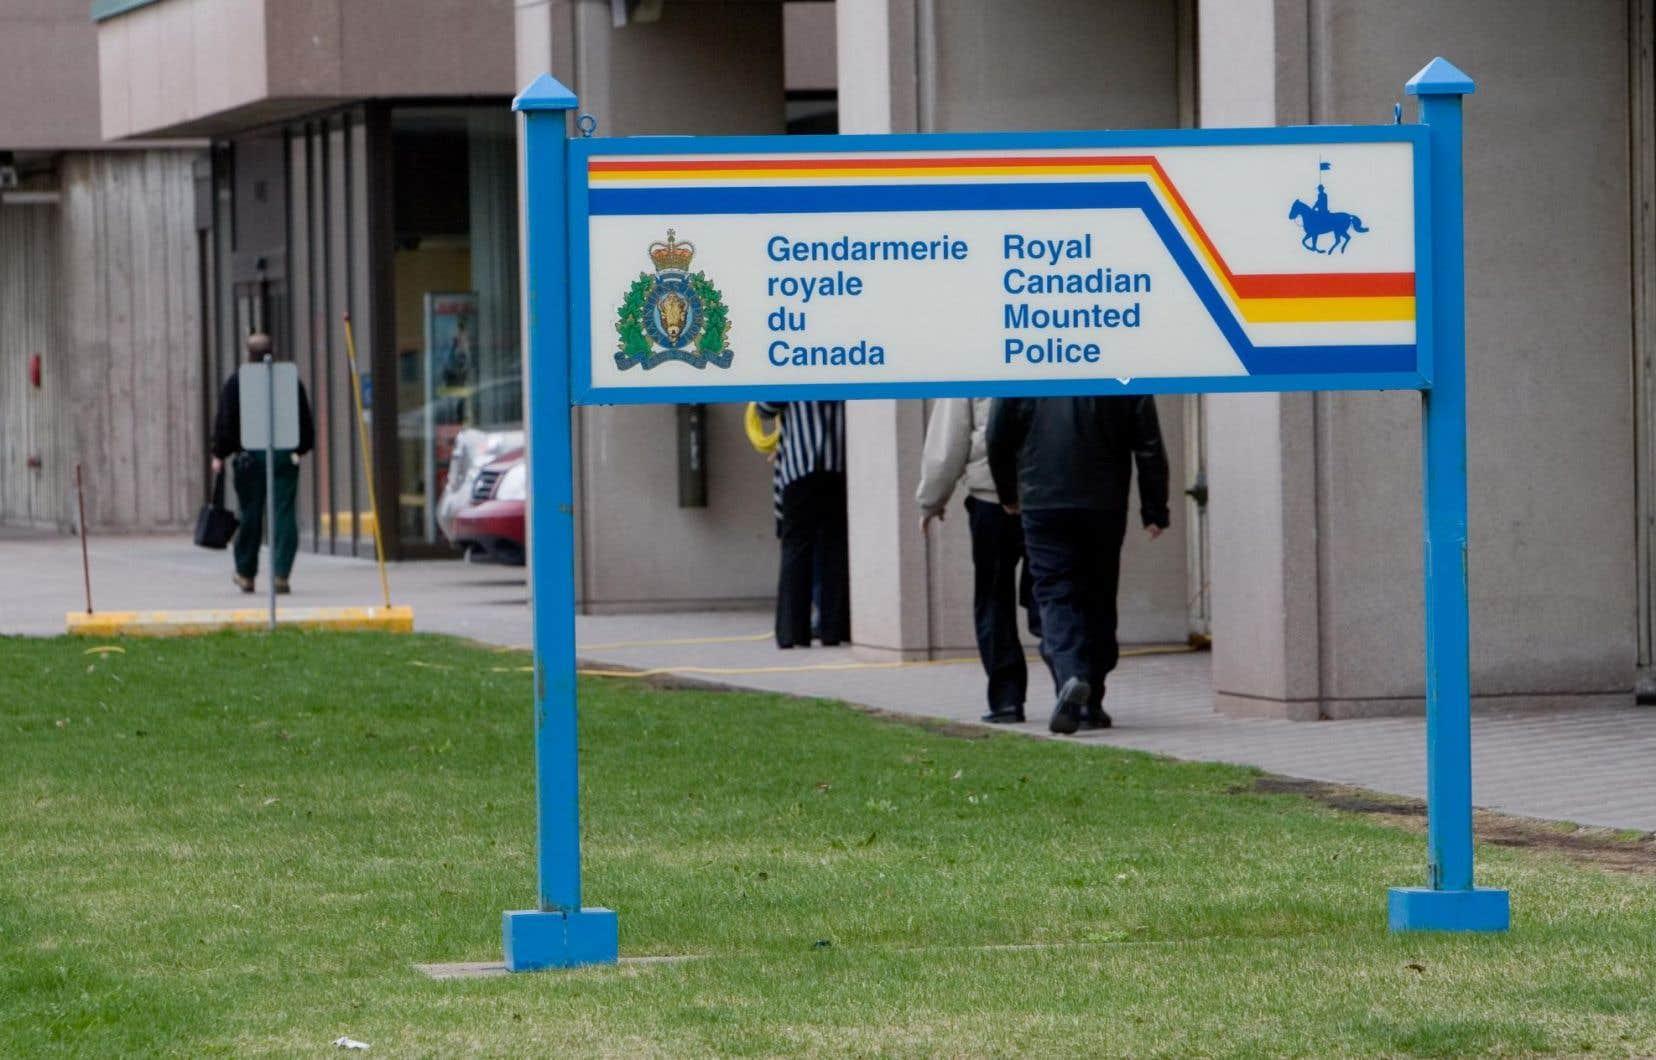 Le ministre a évité les questions au sujet des mesures prises par le gouvernement après l'attaque d'Anonymous contre le site internet de la GRC.